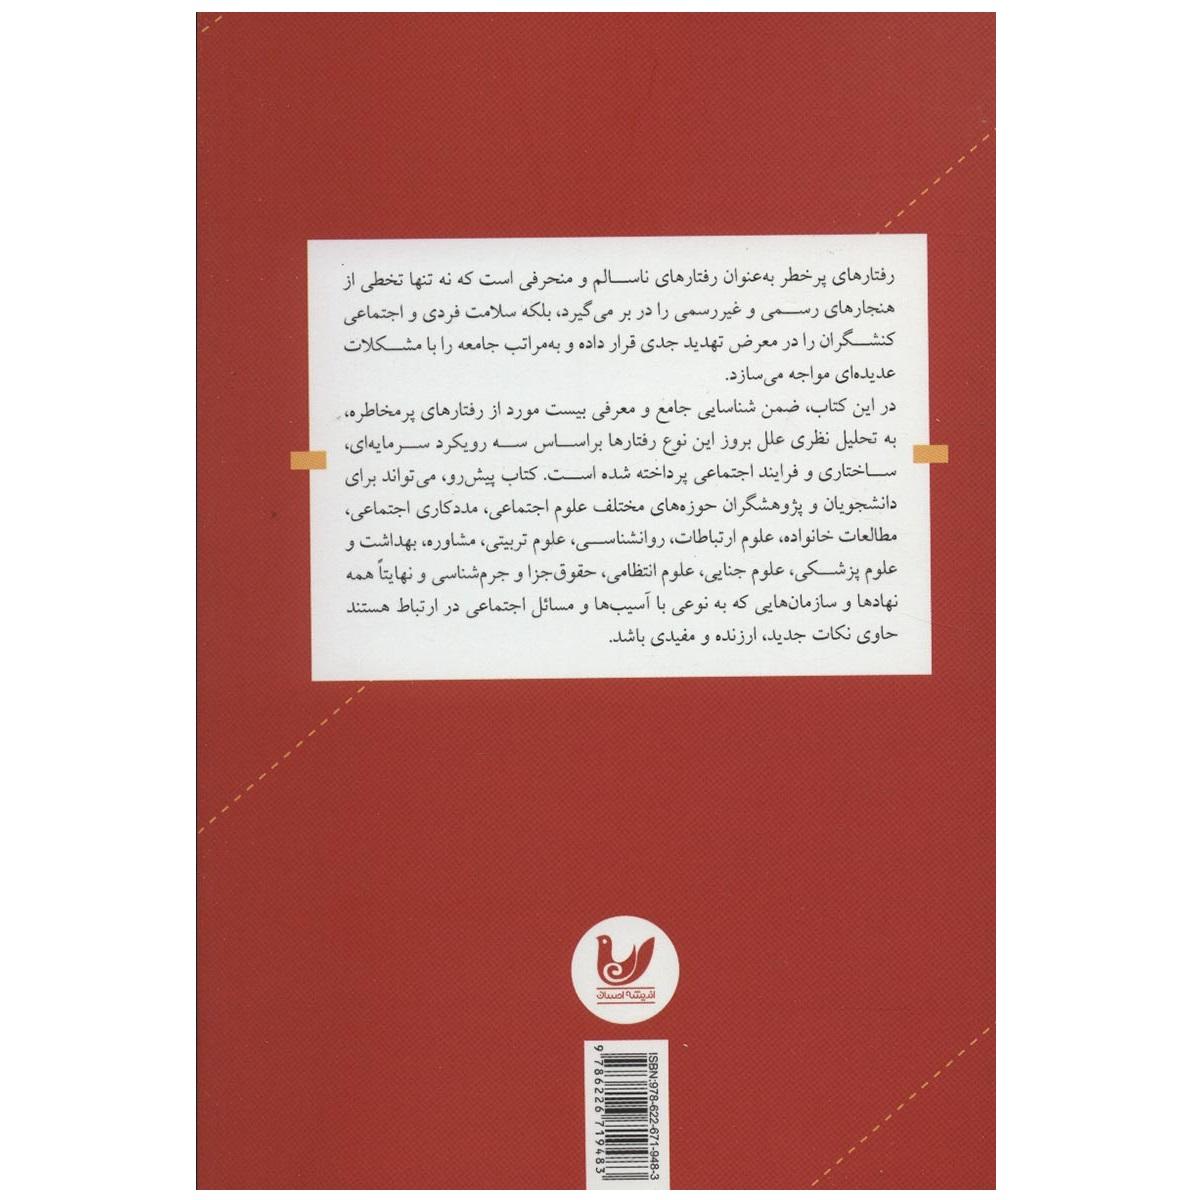 کتاب جامعه شناسی رفتارهای پرخطر اثر محسن نیازی و موسی سعادتی نشر اندیشه احسان